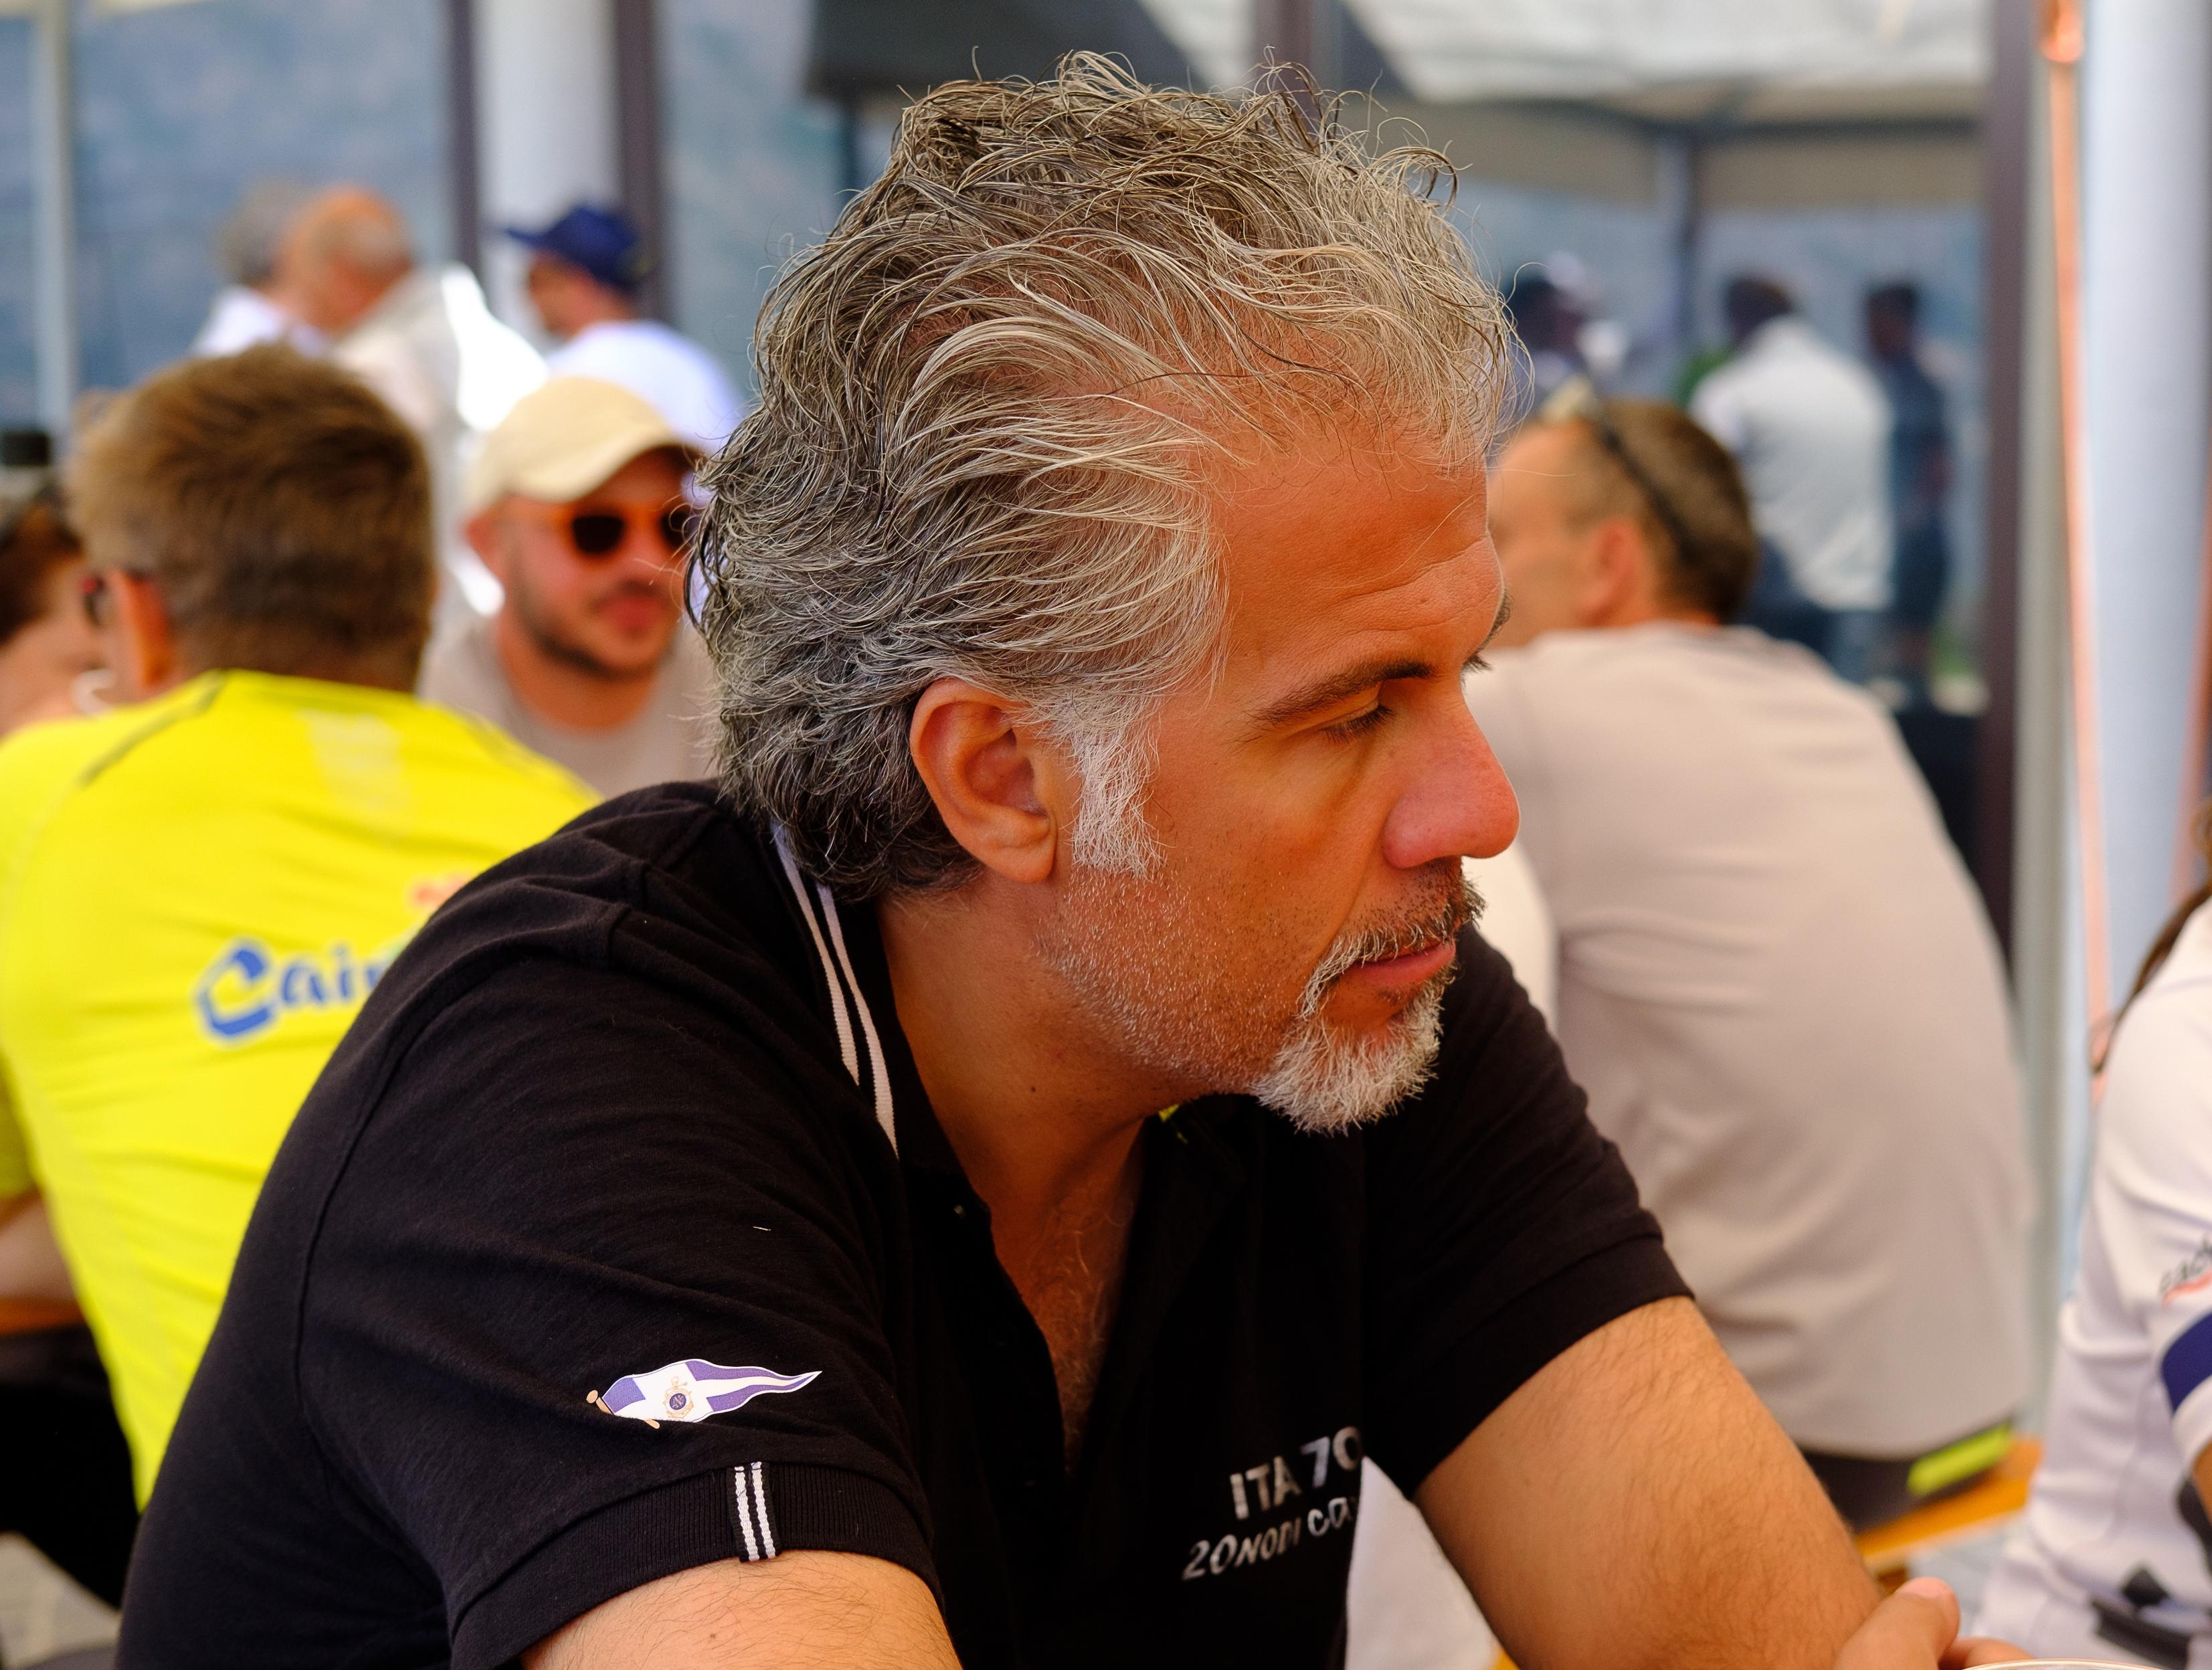 Fabio Garrini